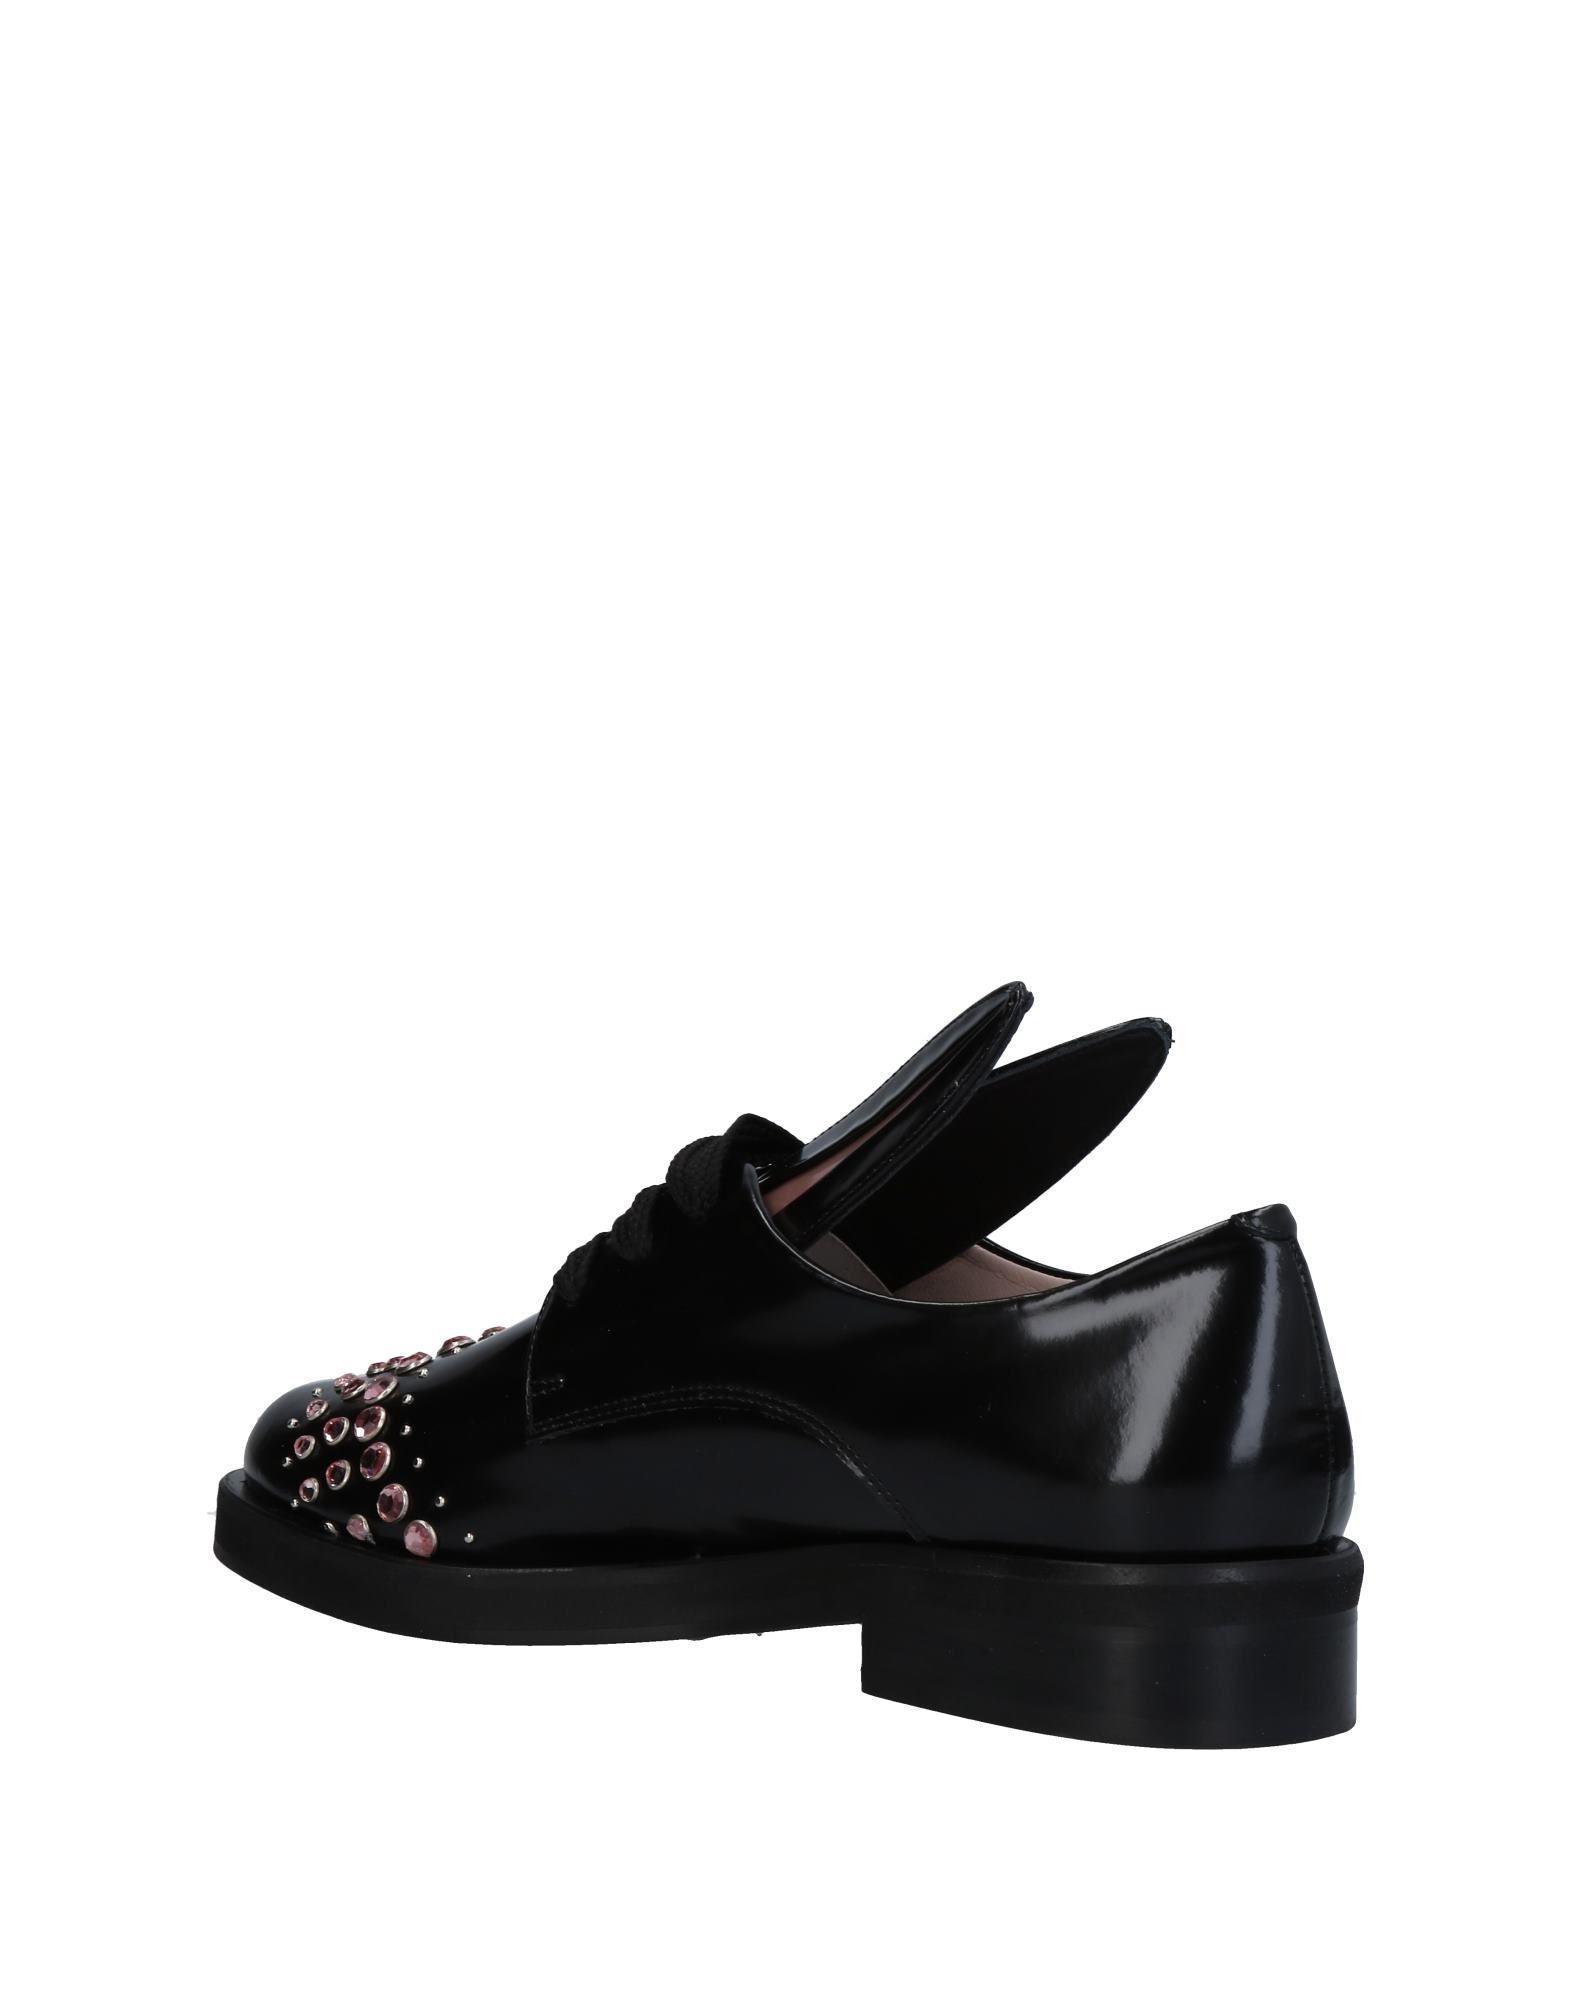 FOOTWEAR - Lace-up shoes Minna Parikka dtHhSu8r3f